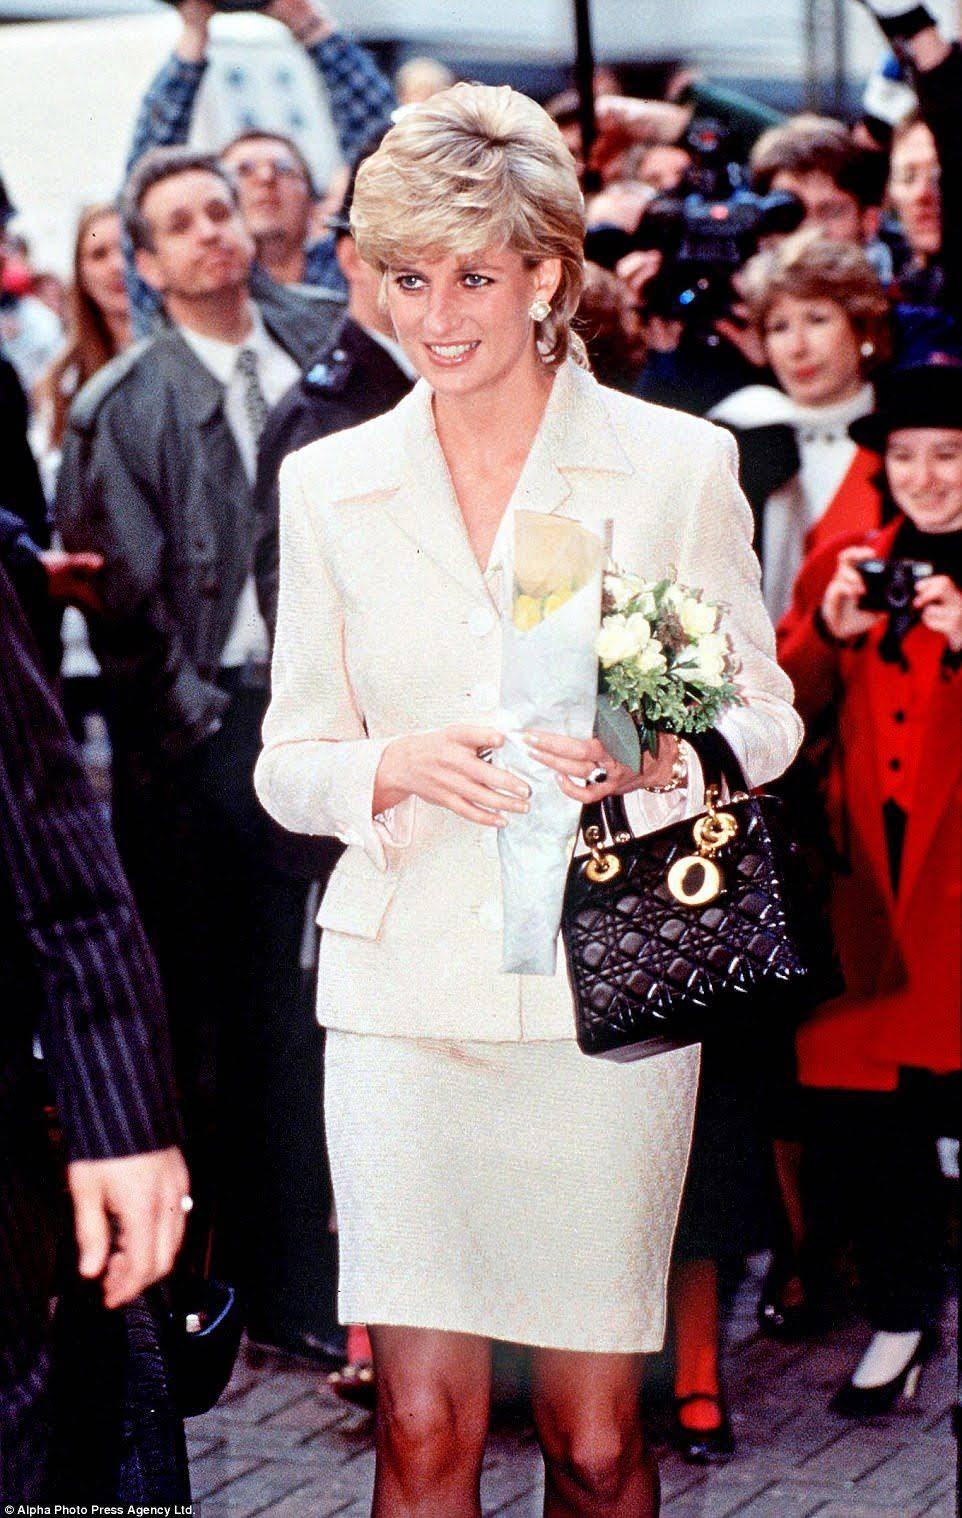 Công nương Diana thường xuyên xách túi Lady Dior. Ảnh: Alpha Photo Press Agency Ltd